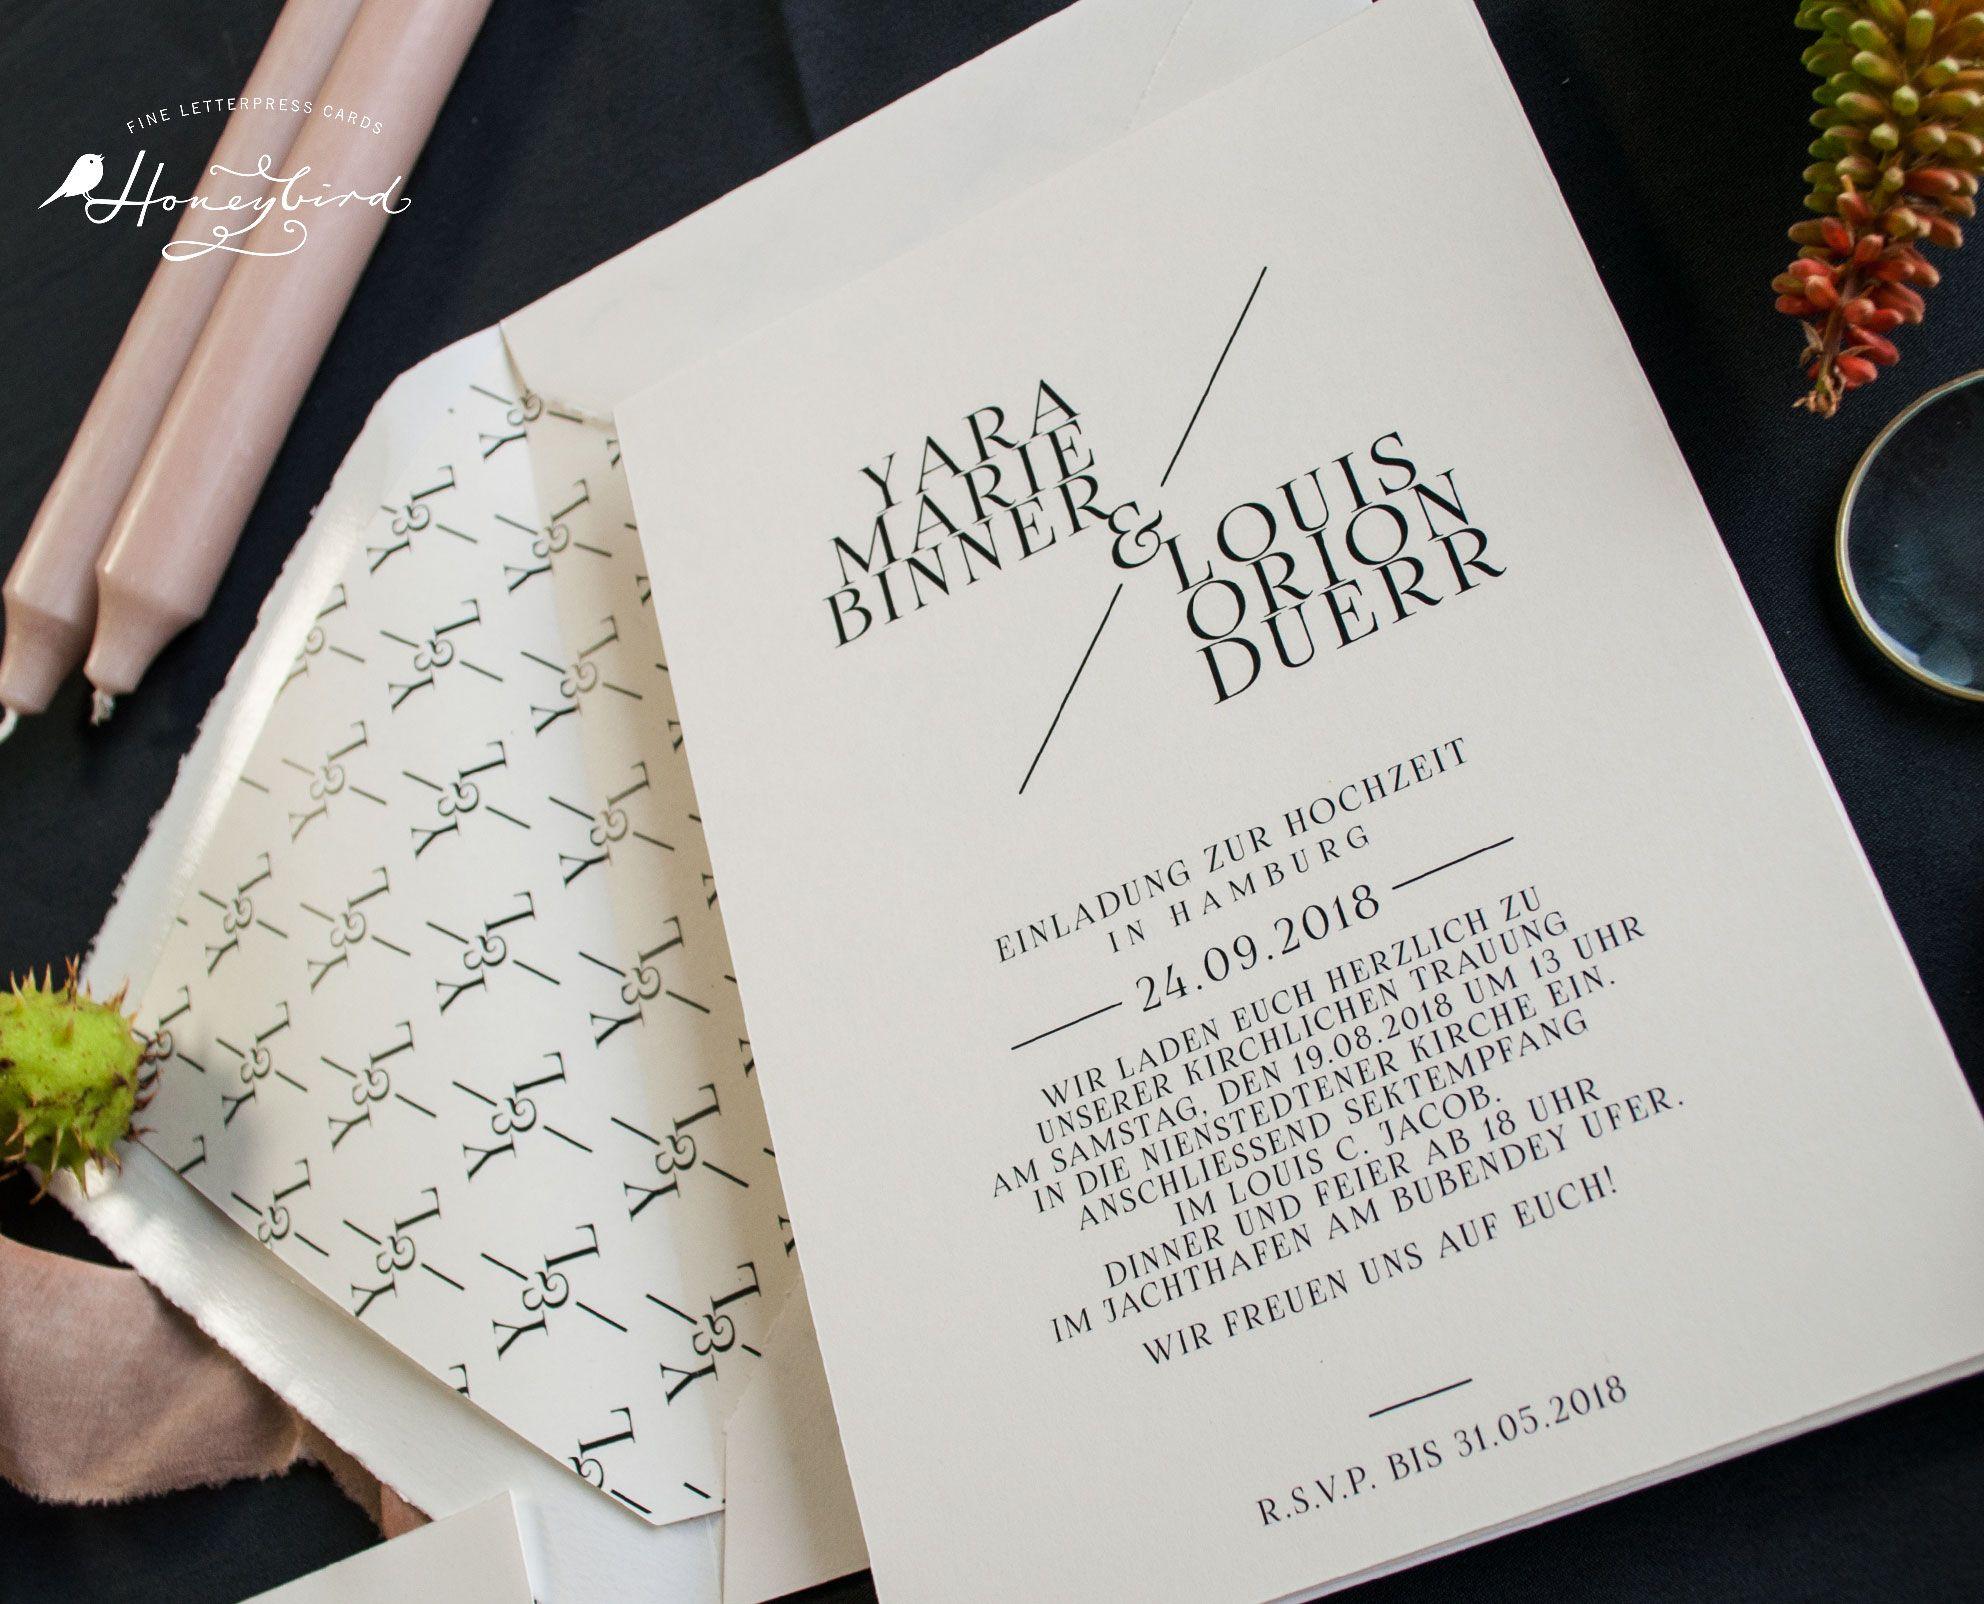 Großartig Honeybird Design Chelsea Einladung Mit Monogramm Als Individuelles  Kuvertinnenfutter (Design Variante Ohne Blumen)